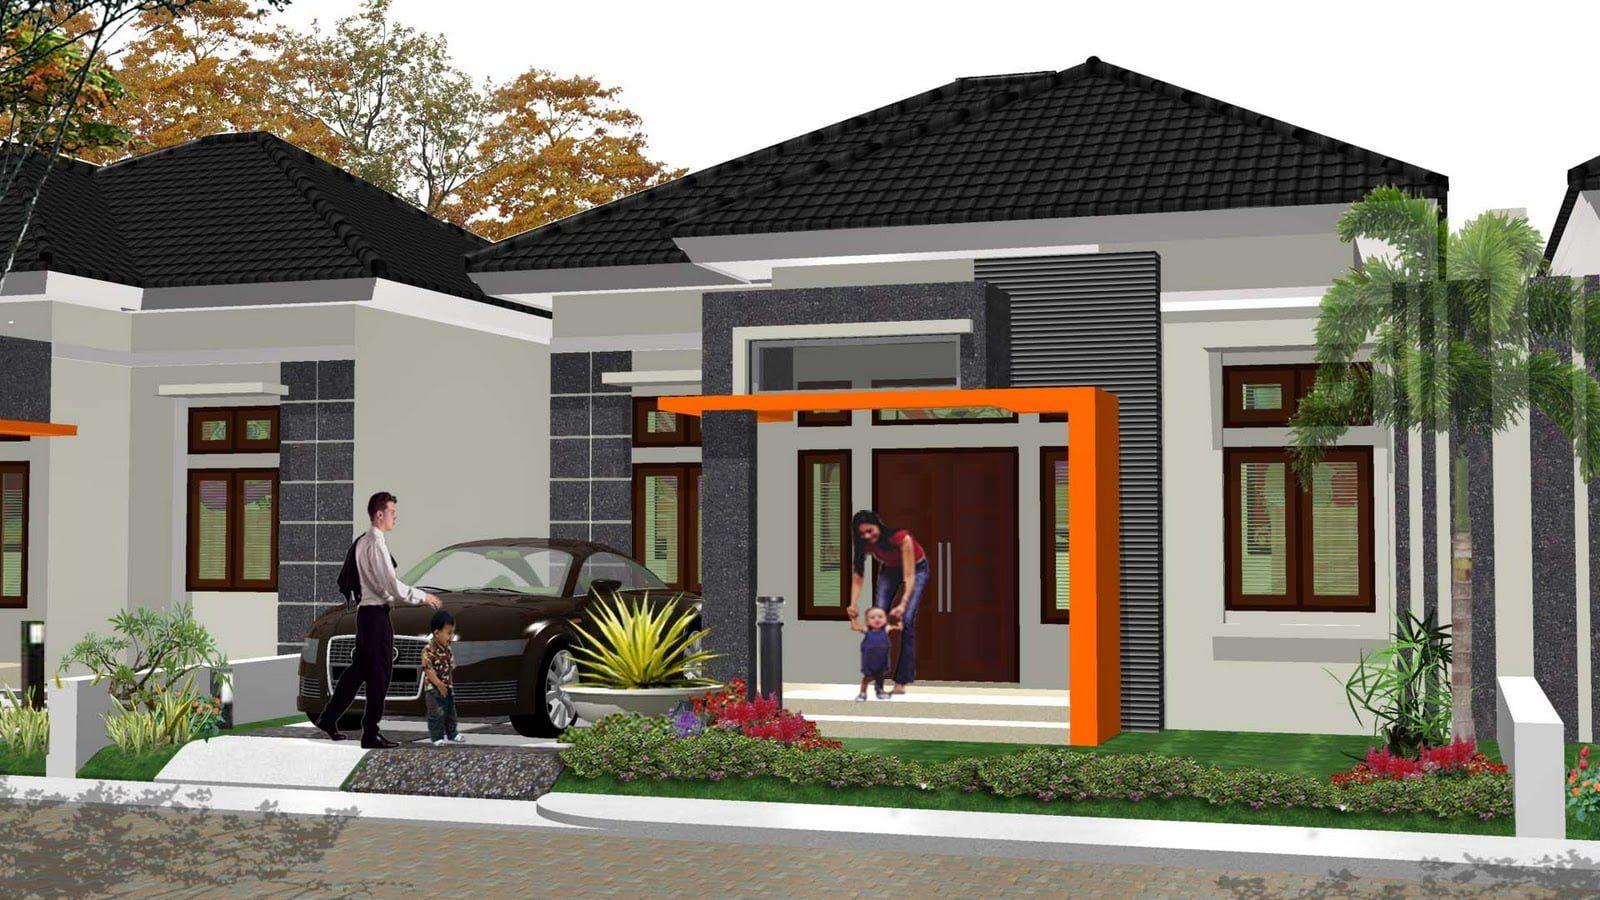 Desain Perpaduan Warna Cat Rumah Minimalis Tampak Depan Di 2020 Desain Eksterior Rumah Minimalis Rumah Mewah